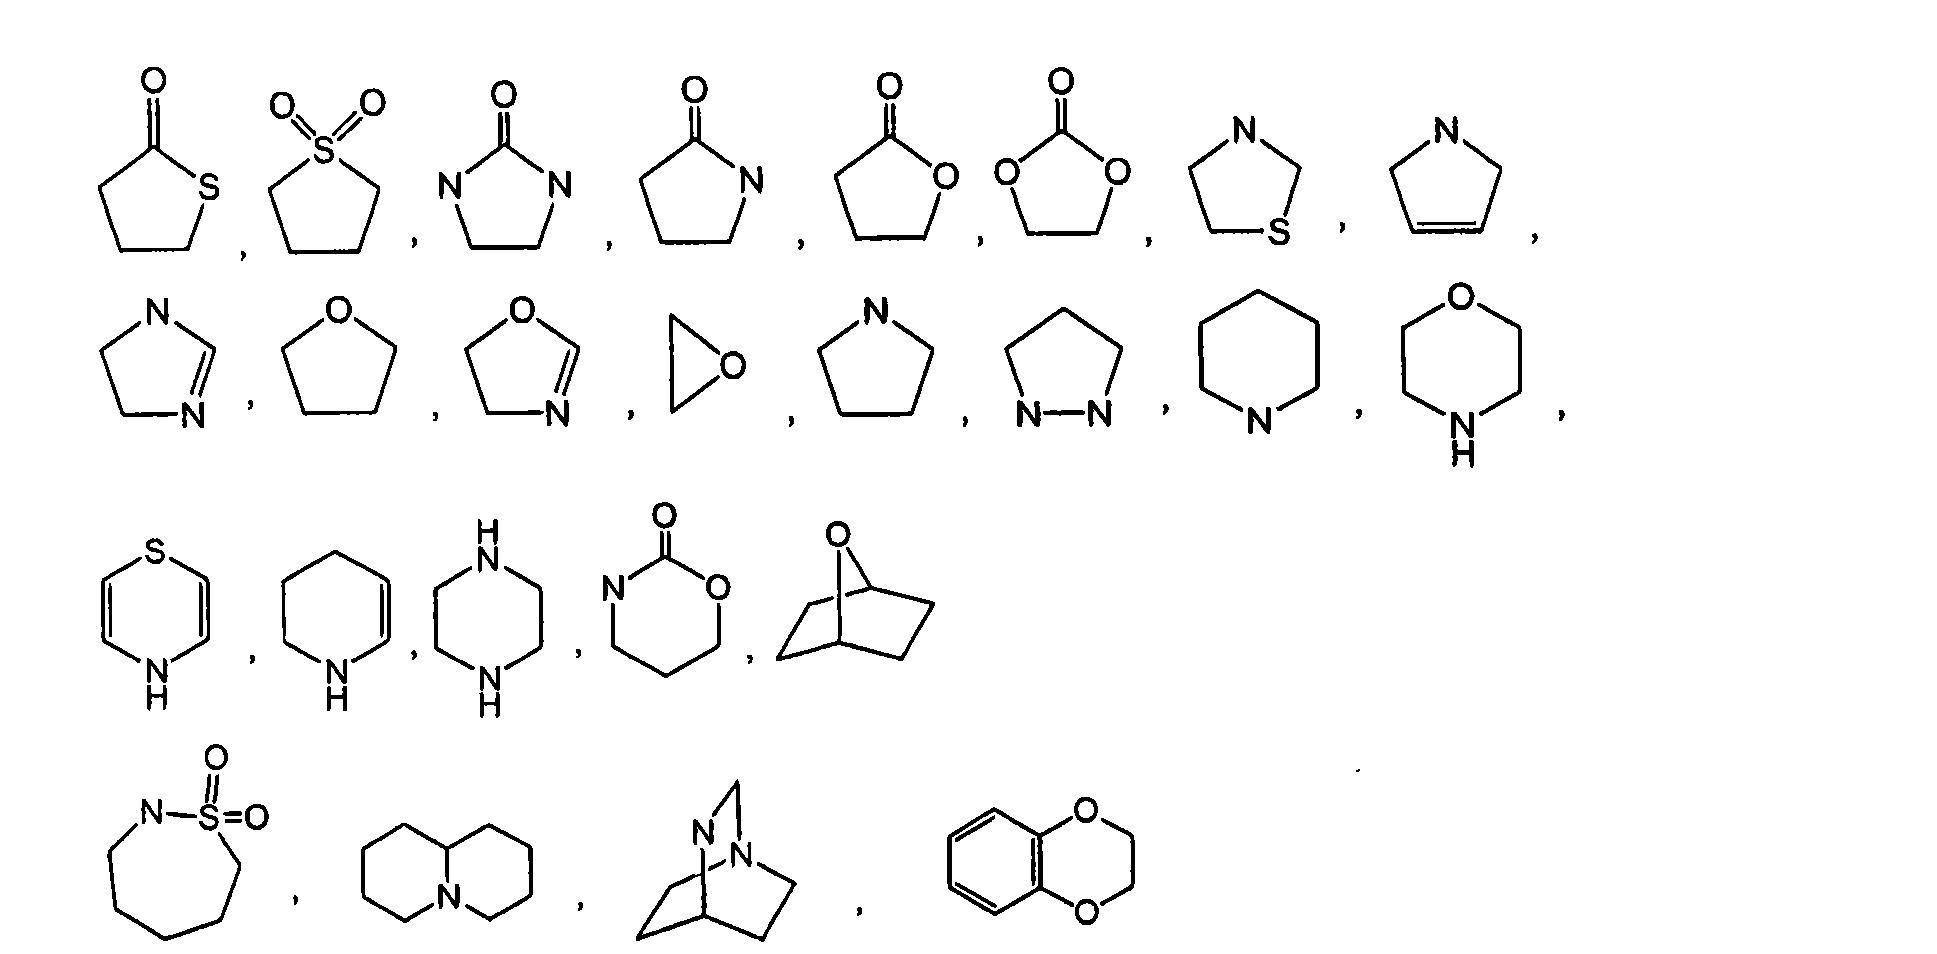 氟氯溴碘原子结构示意图